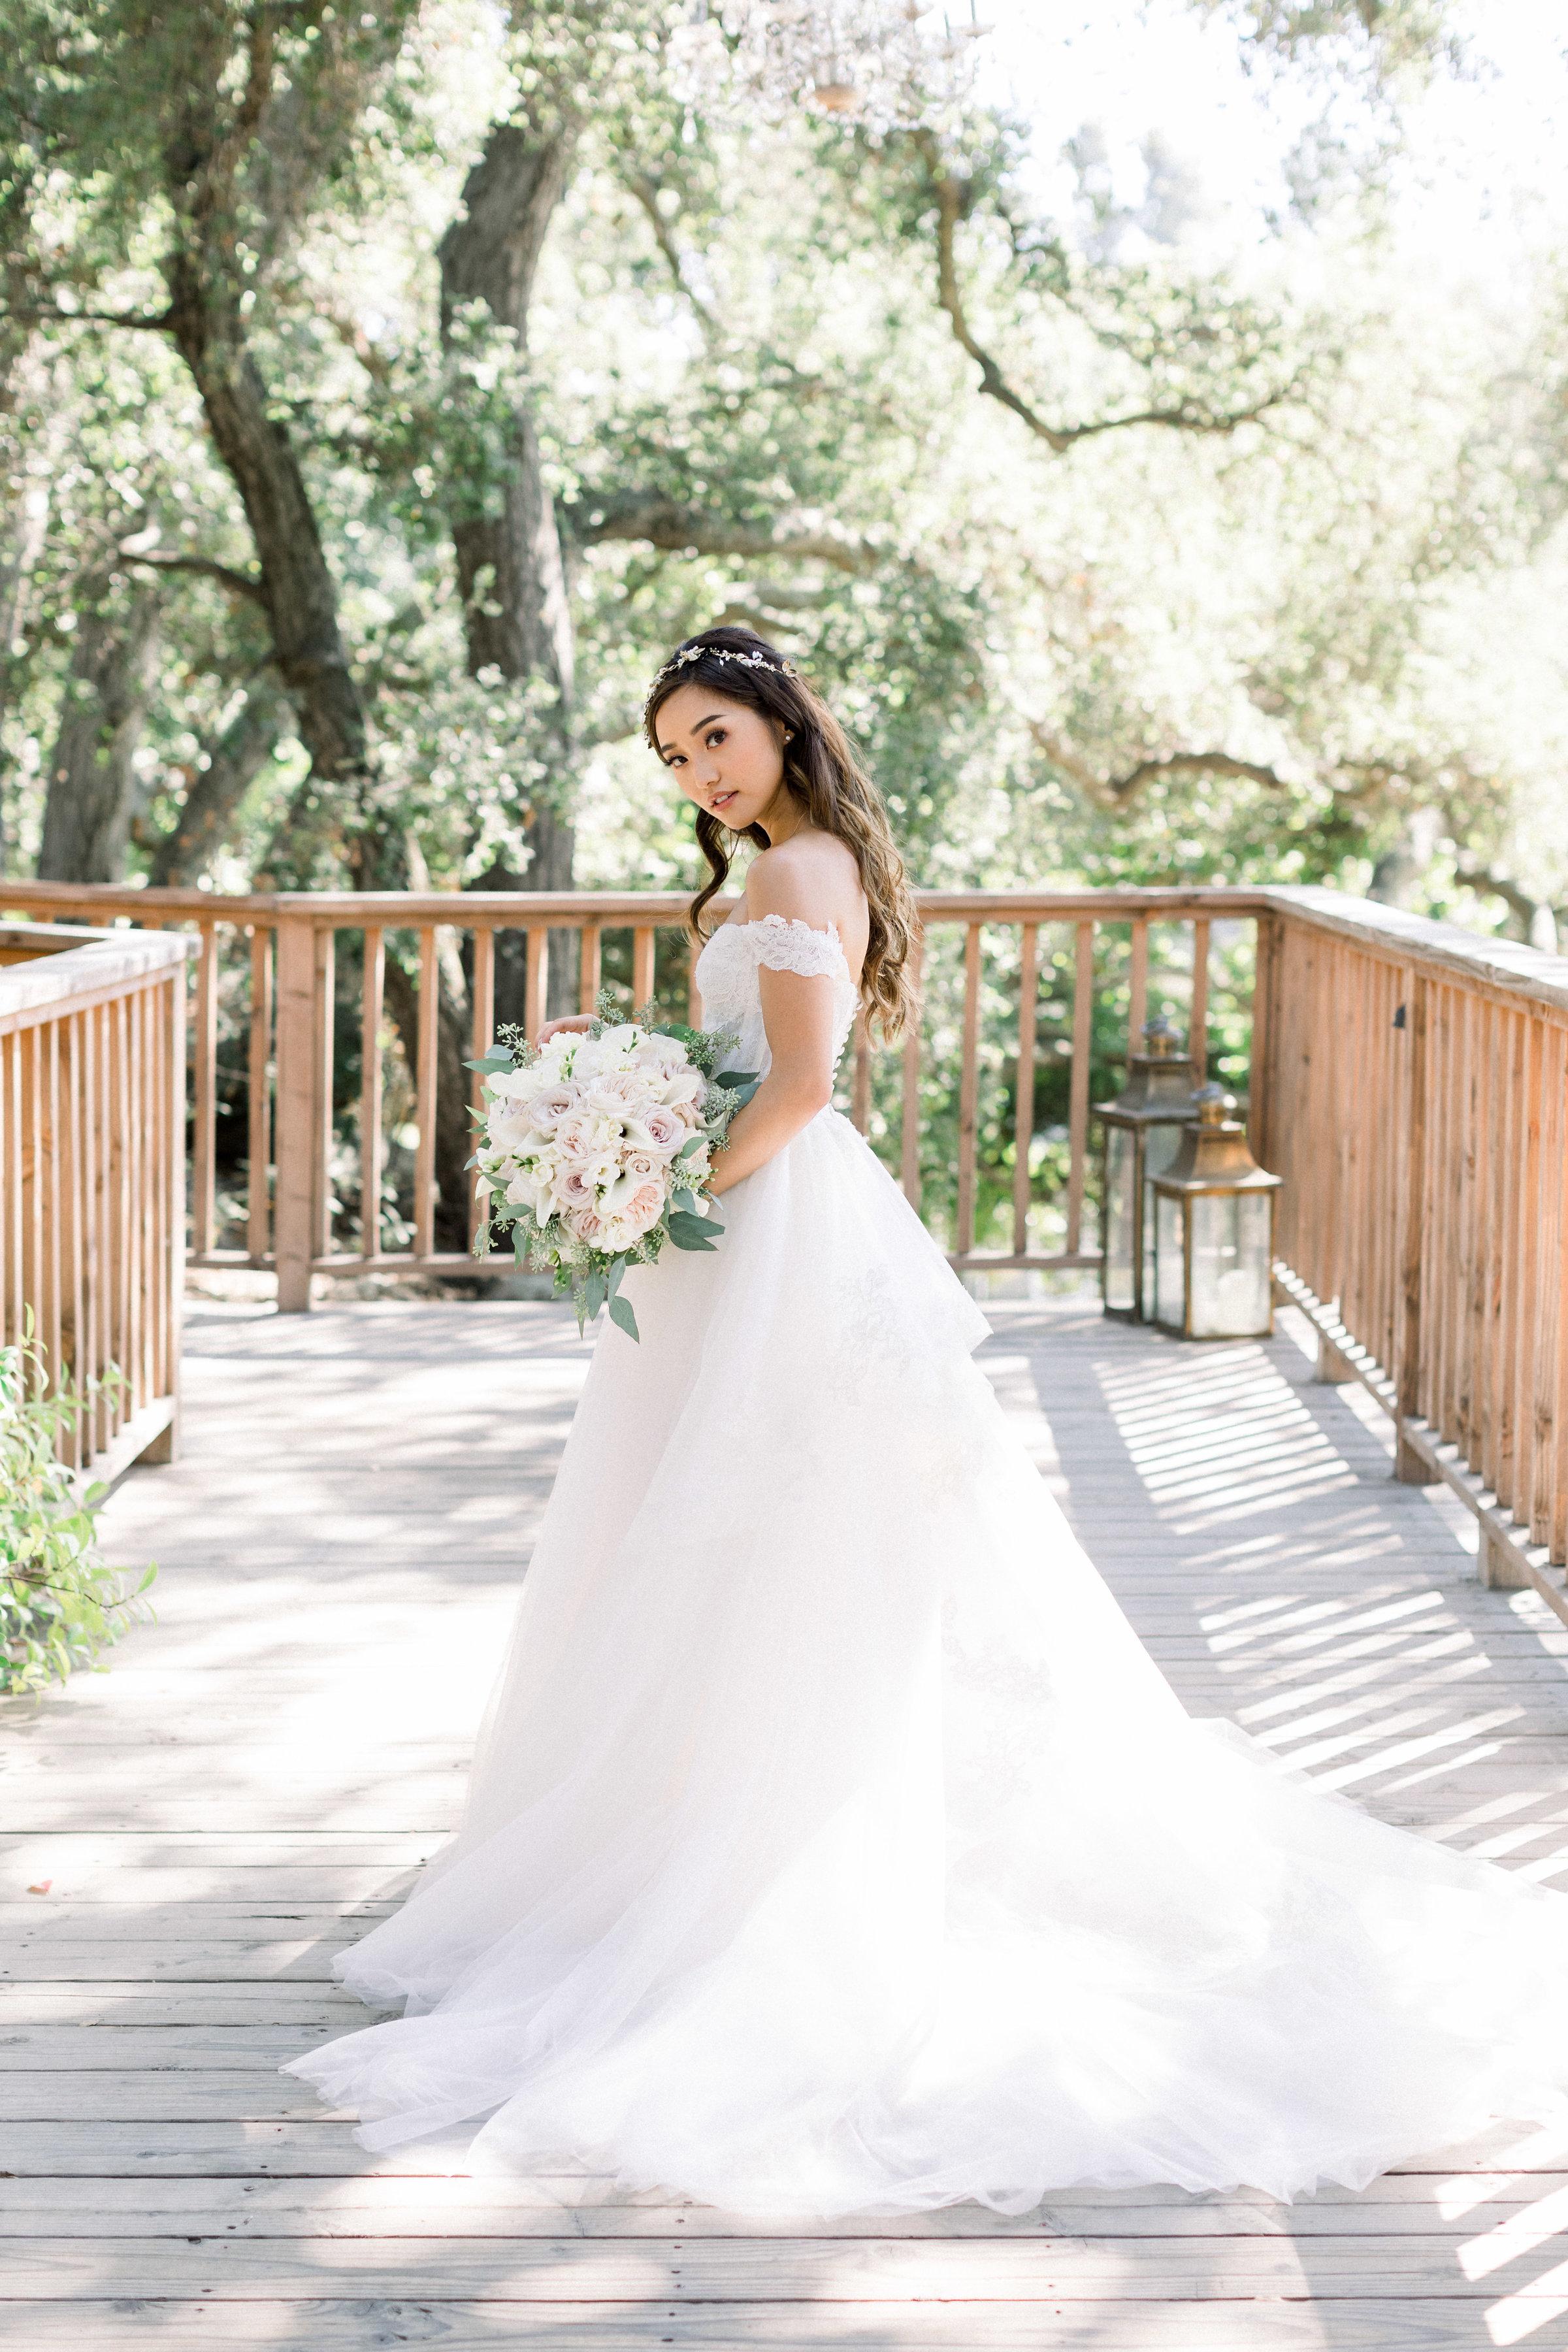 jenn im trong ngày cưới mặc đầm trễ vai cầm bó hoa cưới posy trắng